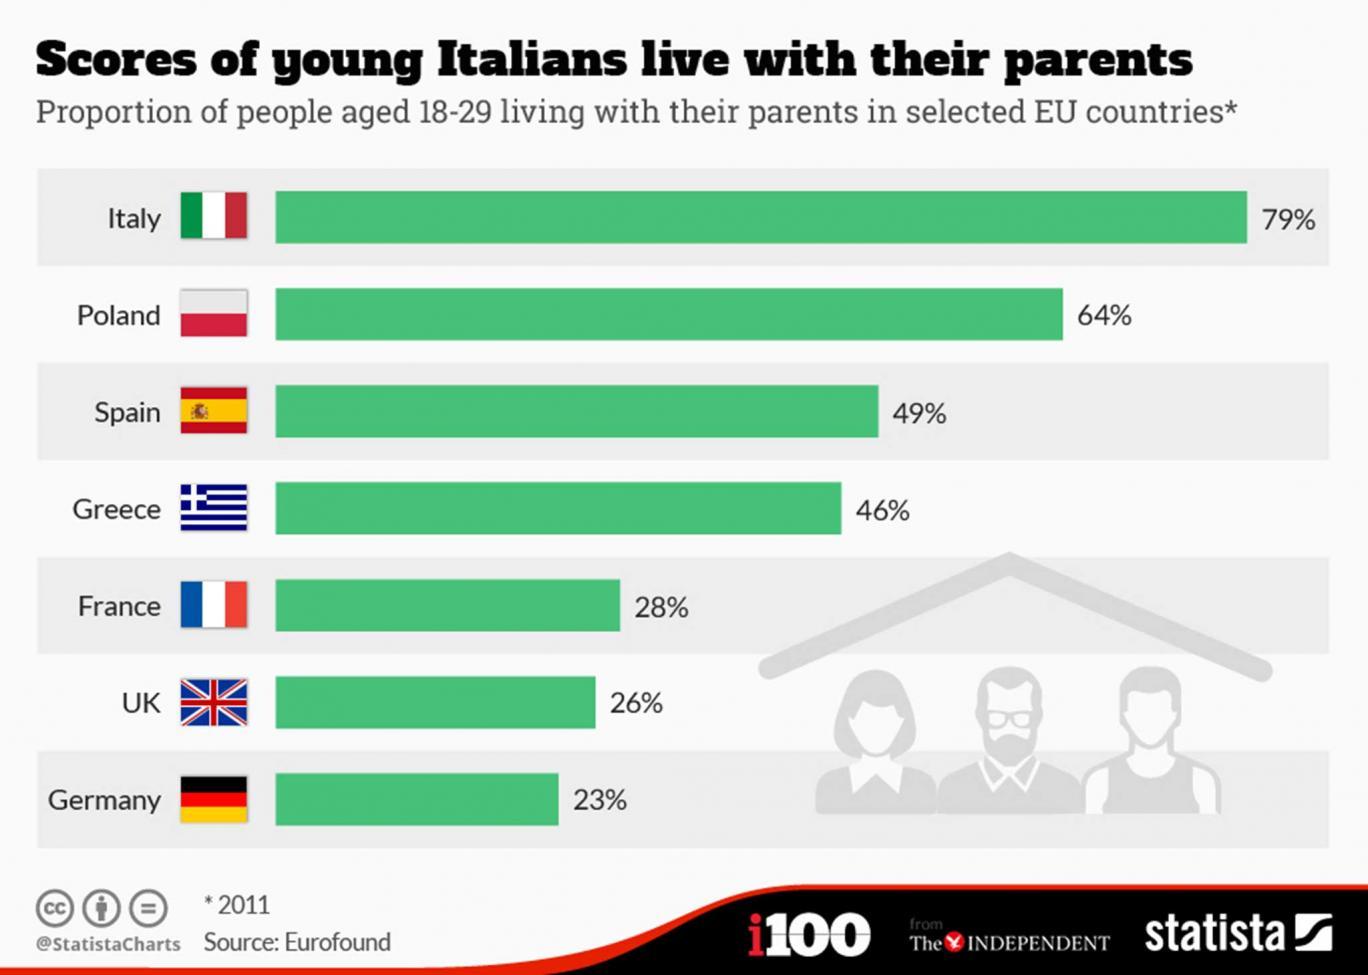 Большинство детей живут с родителями в Италии но там они хотя бы работают